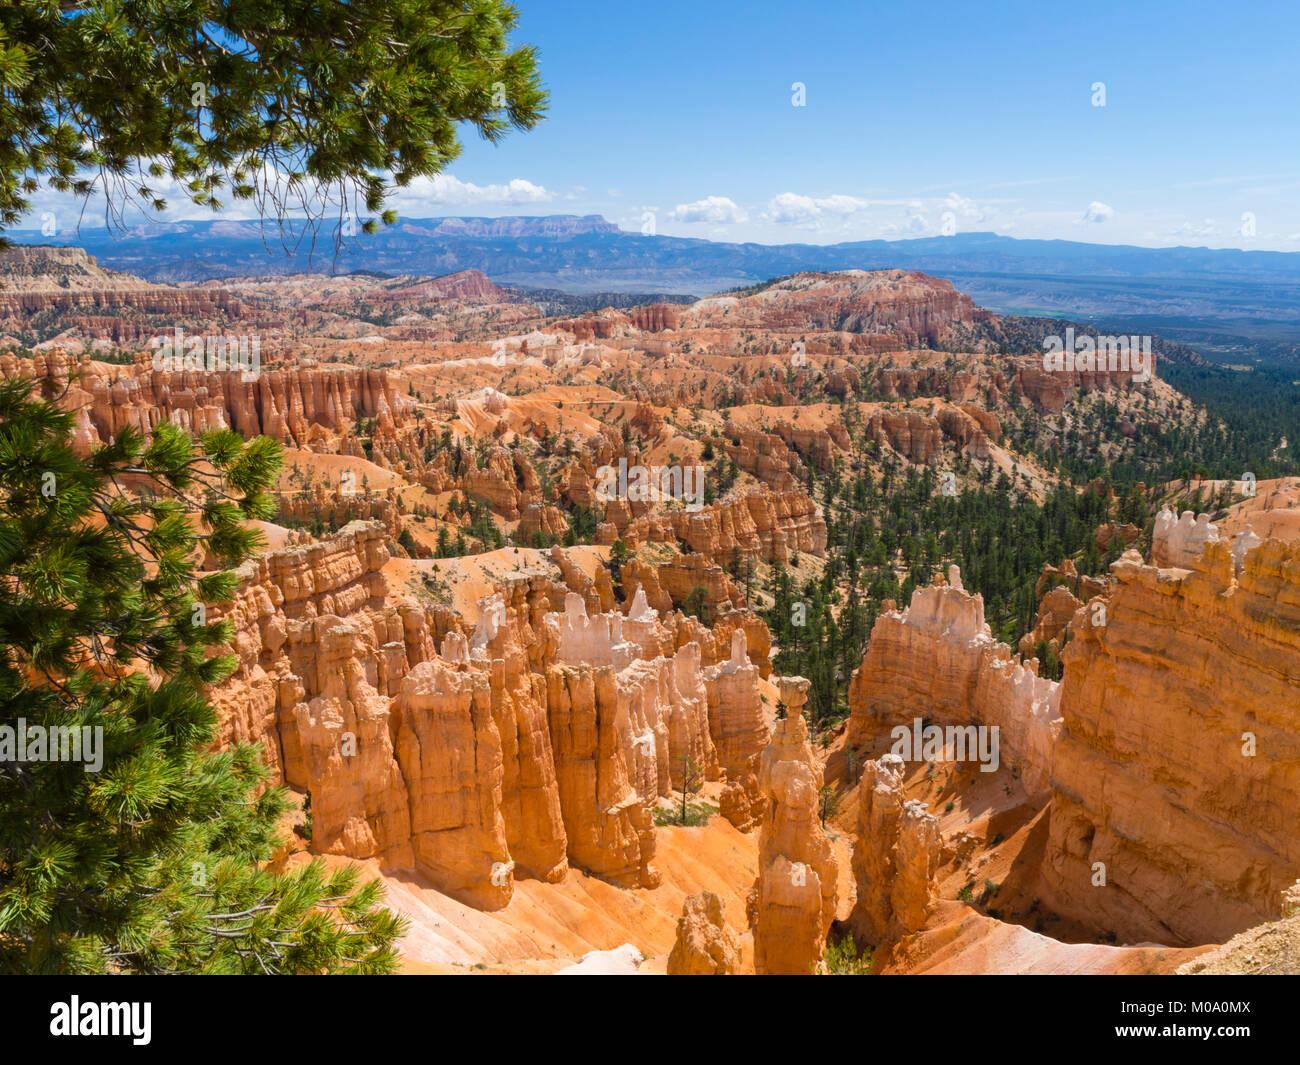 Hoodoo rock formations at Bryce Canyon National Park, Utah (USA). - Stock Image